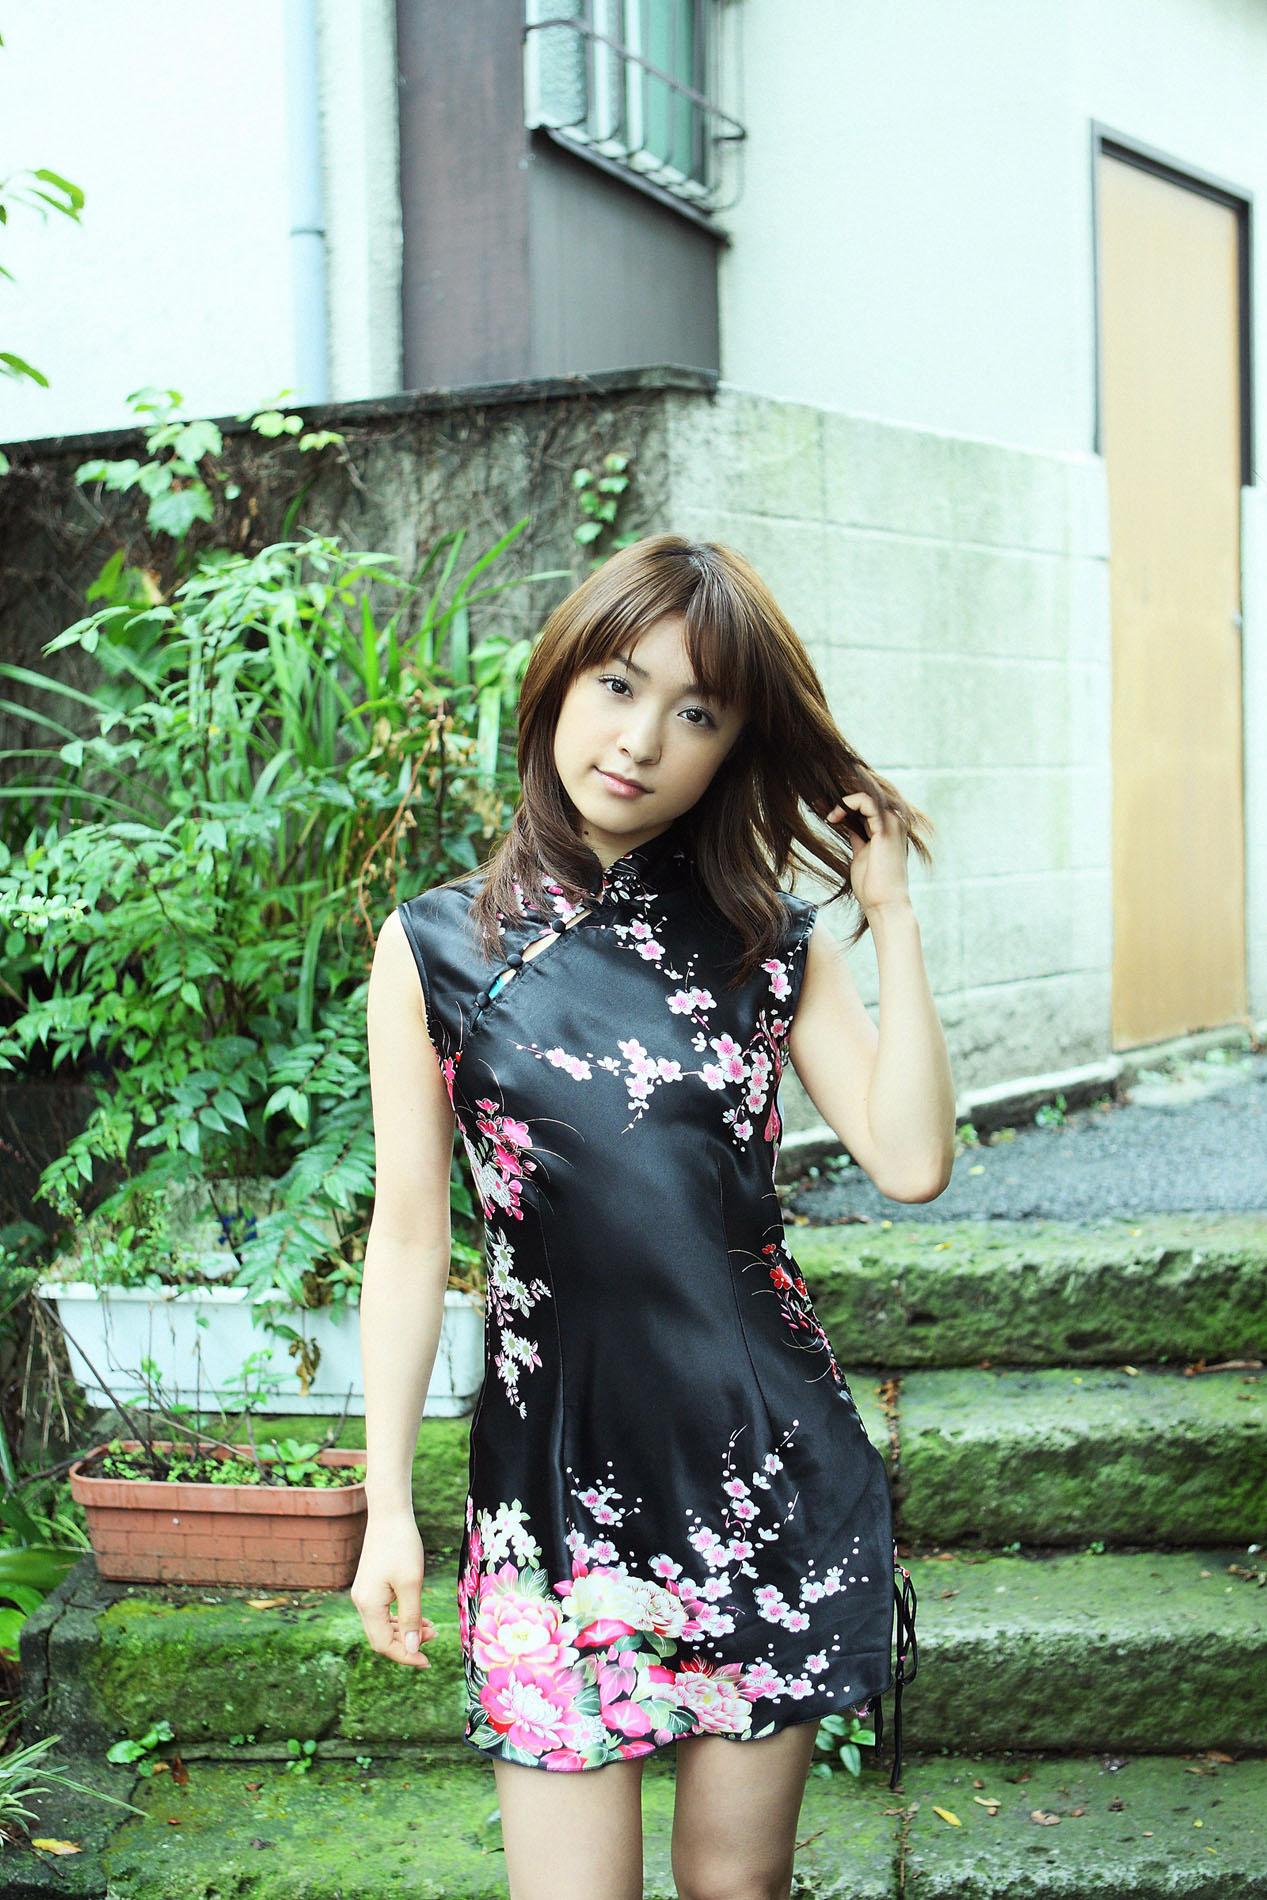 Фото азиатских девушек в купальниках 19 фотография